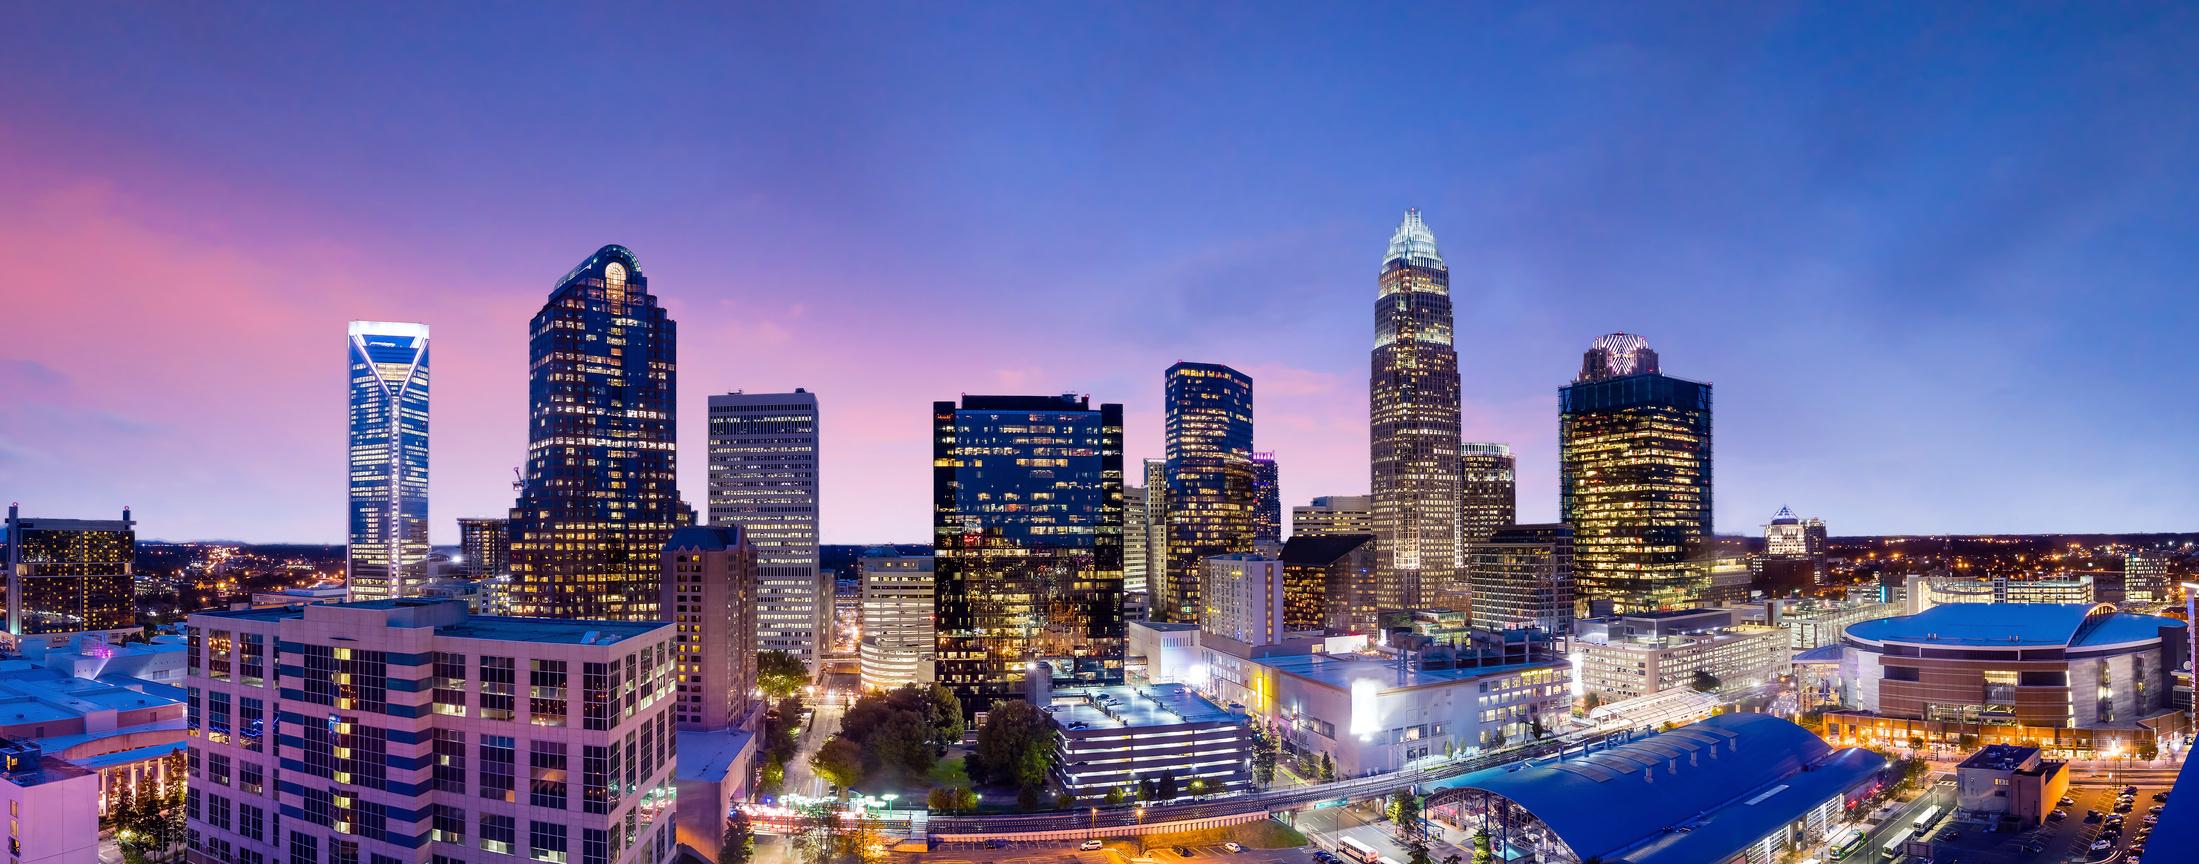 Charlotte, North Carolina; North Carolina